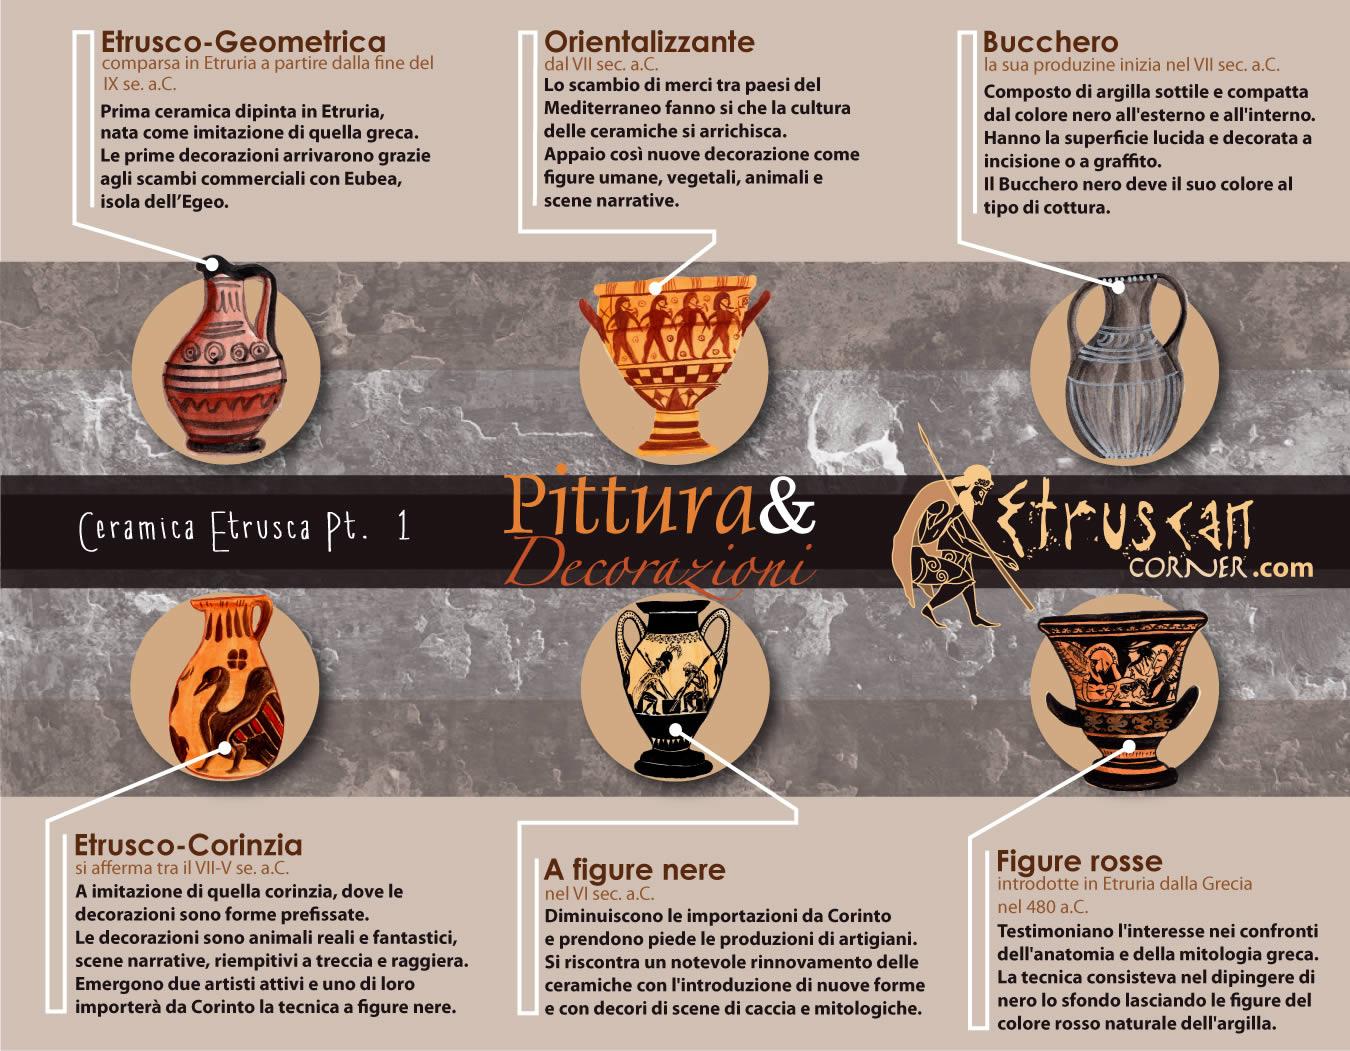 Evoluzione della Pittura e delle Decorazioni Etrusche